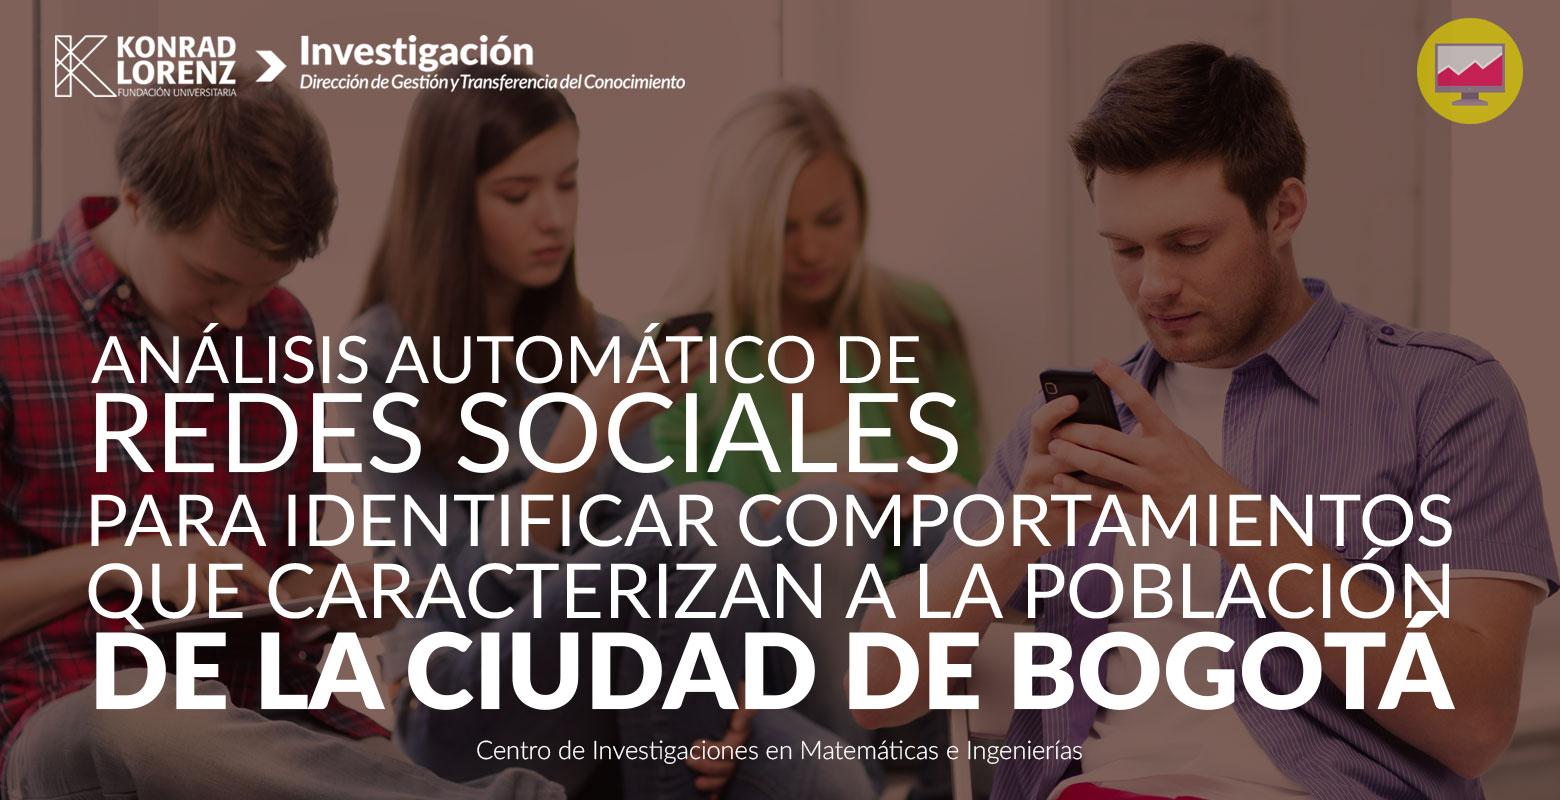 Análisis automático de redes sociales para identificar comportamientos que caracterizan a la población de la ciudad de Bogotá